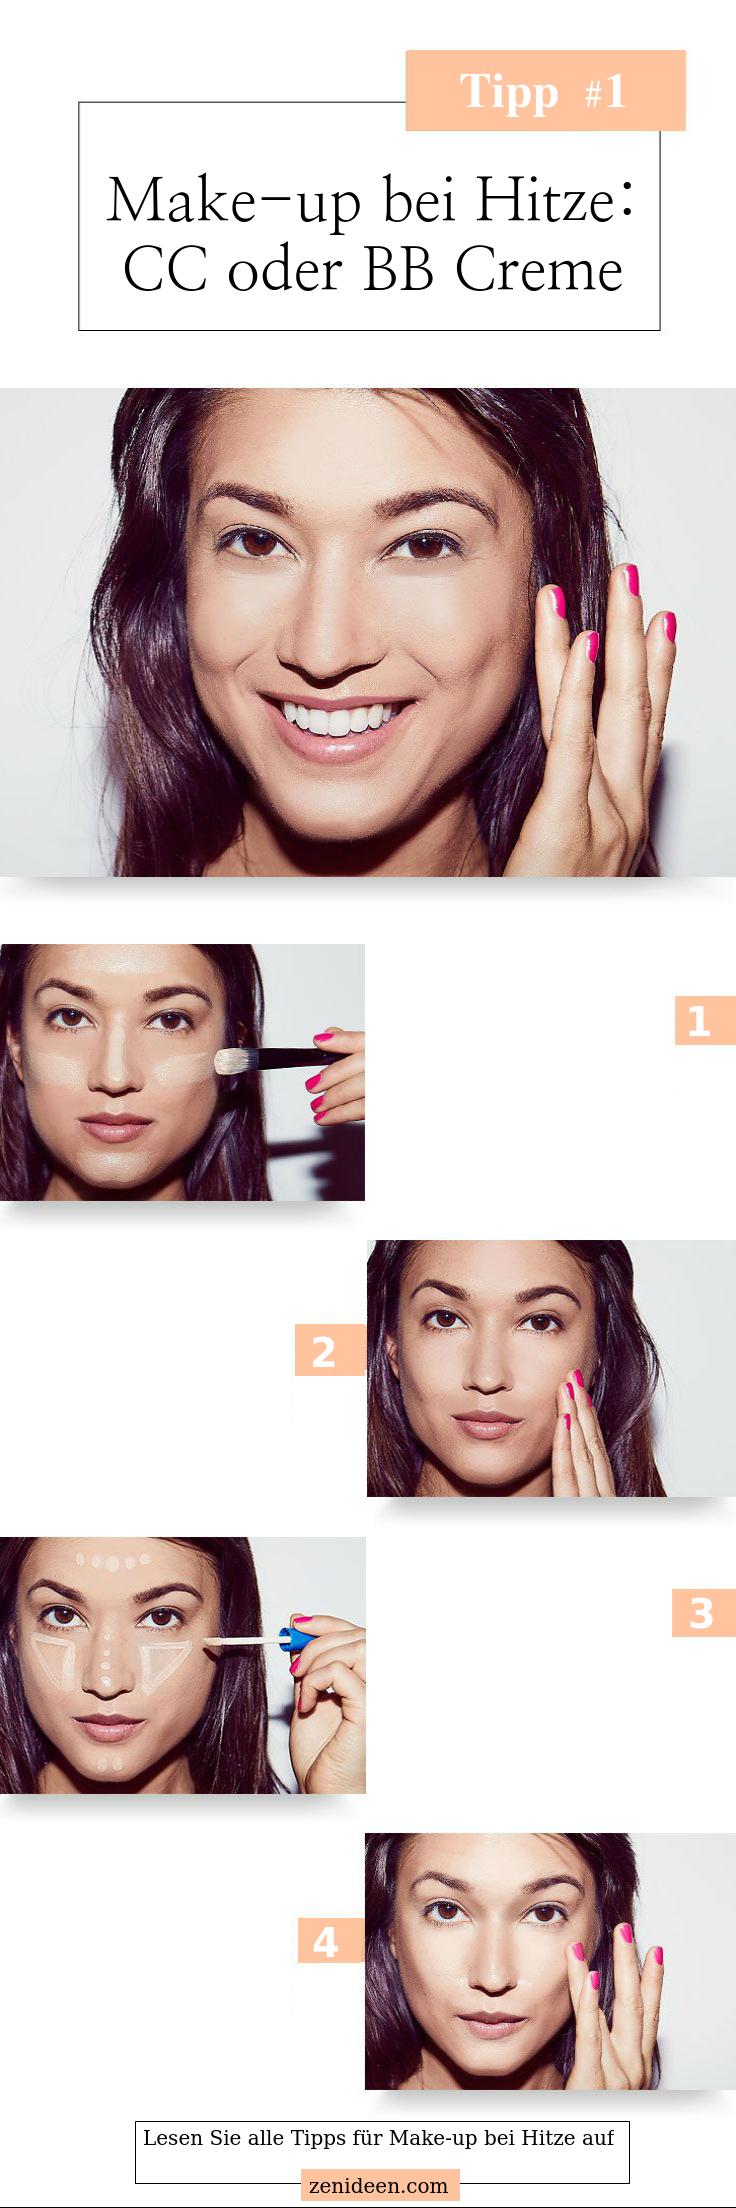 Make-up Tipp №1: Für einen schönen Glow brauchen Sie die richtige Basis